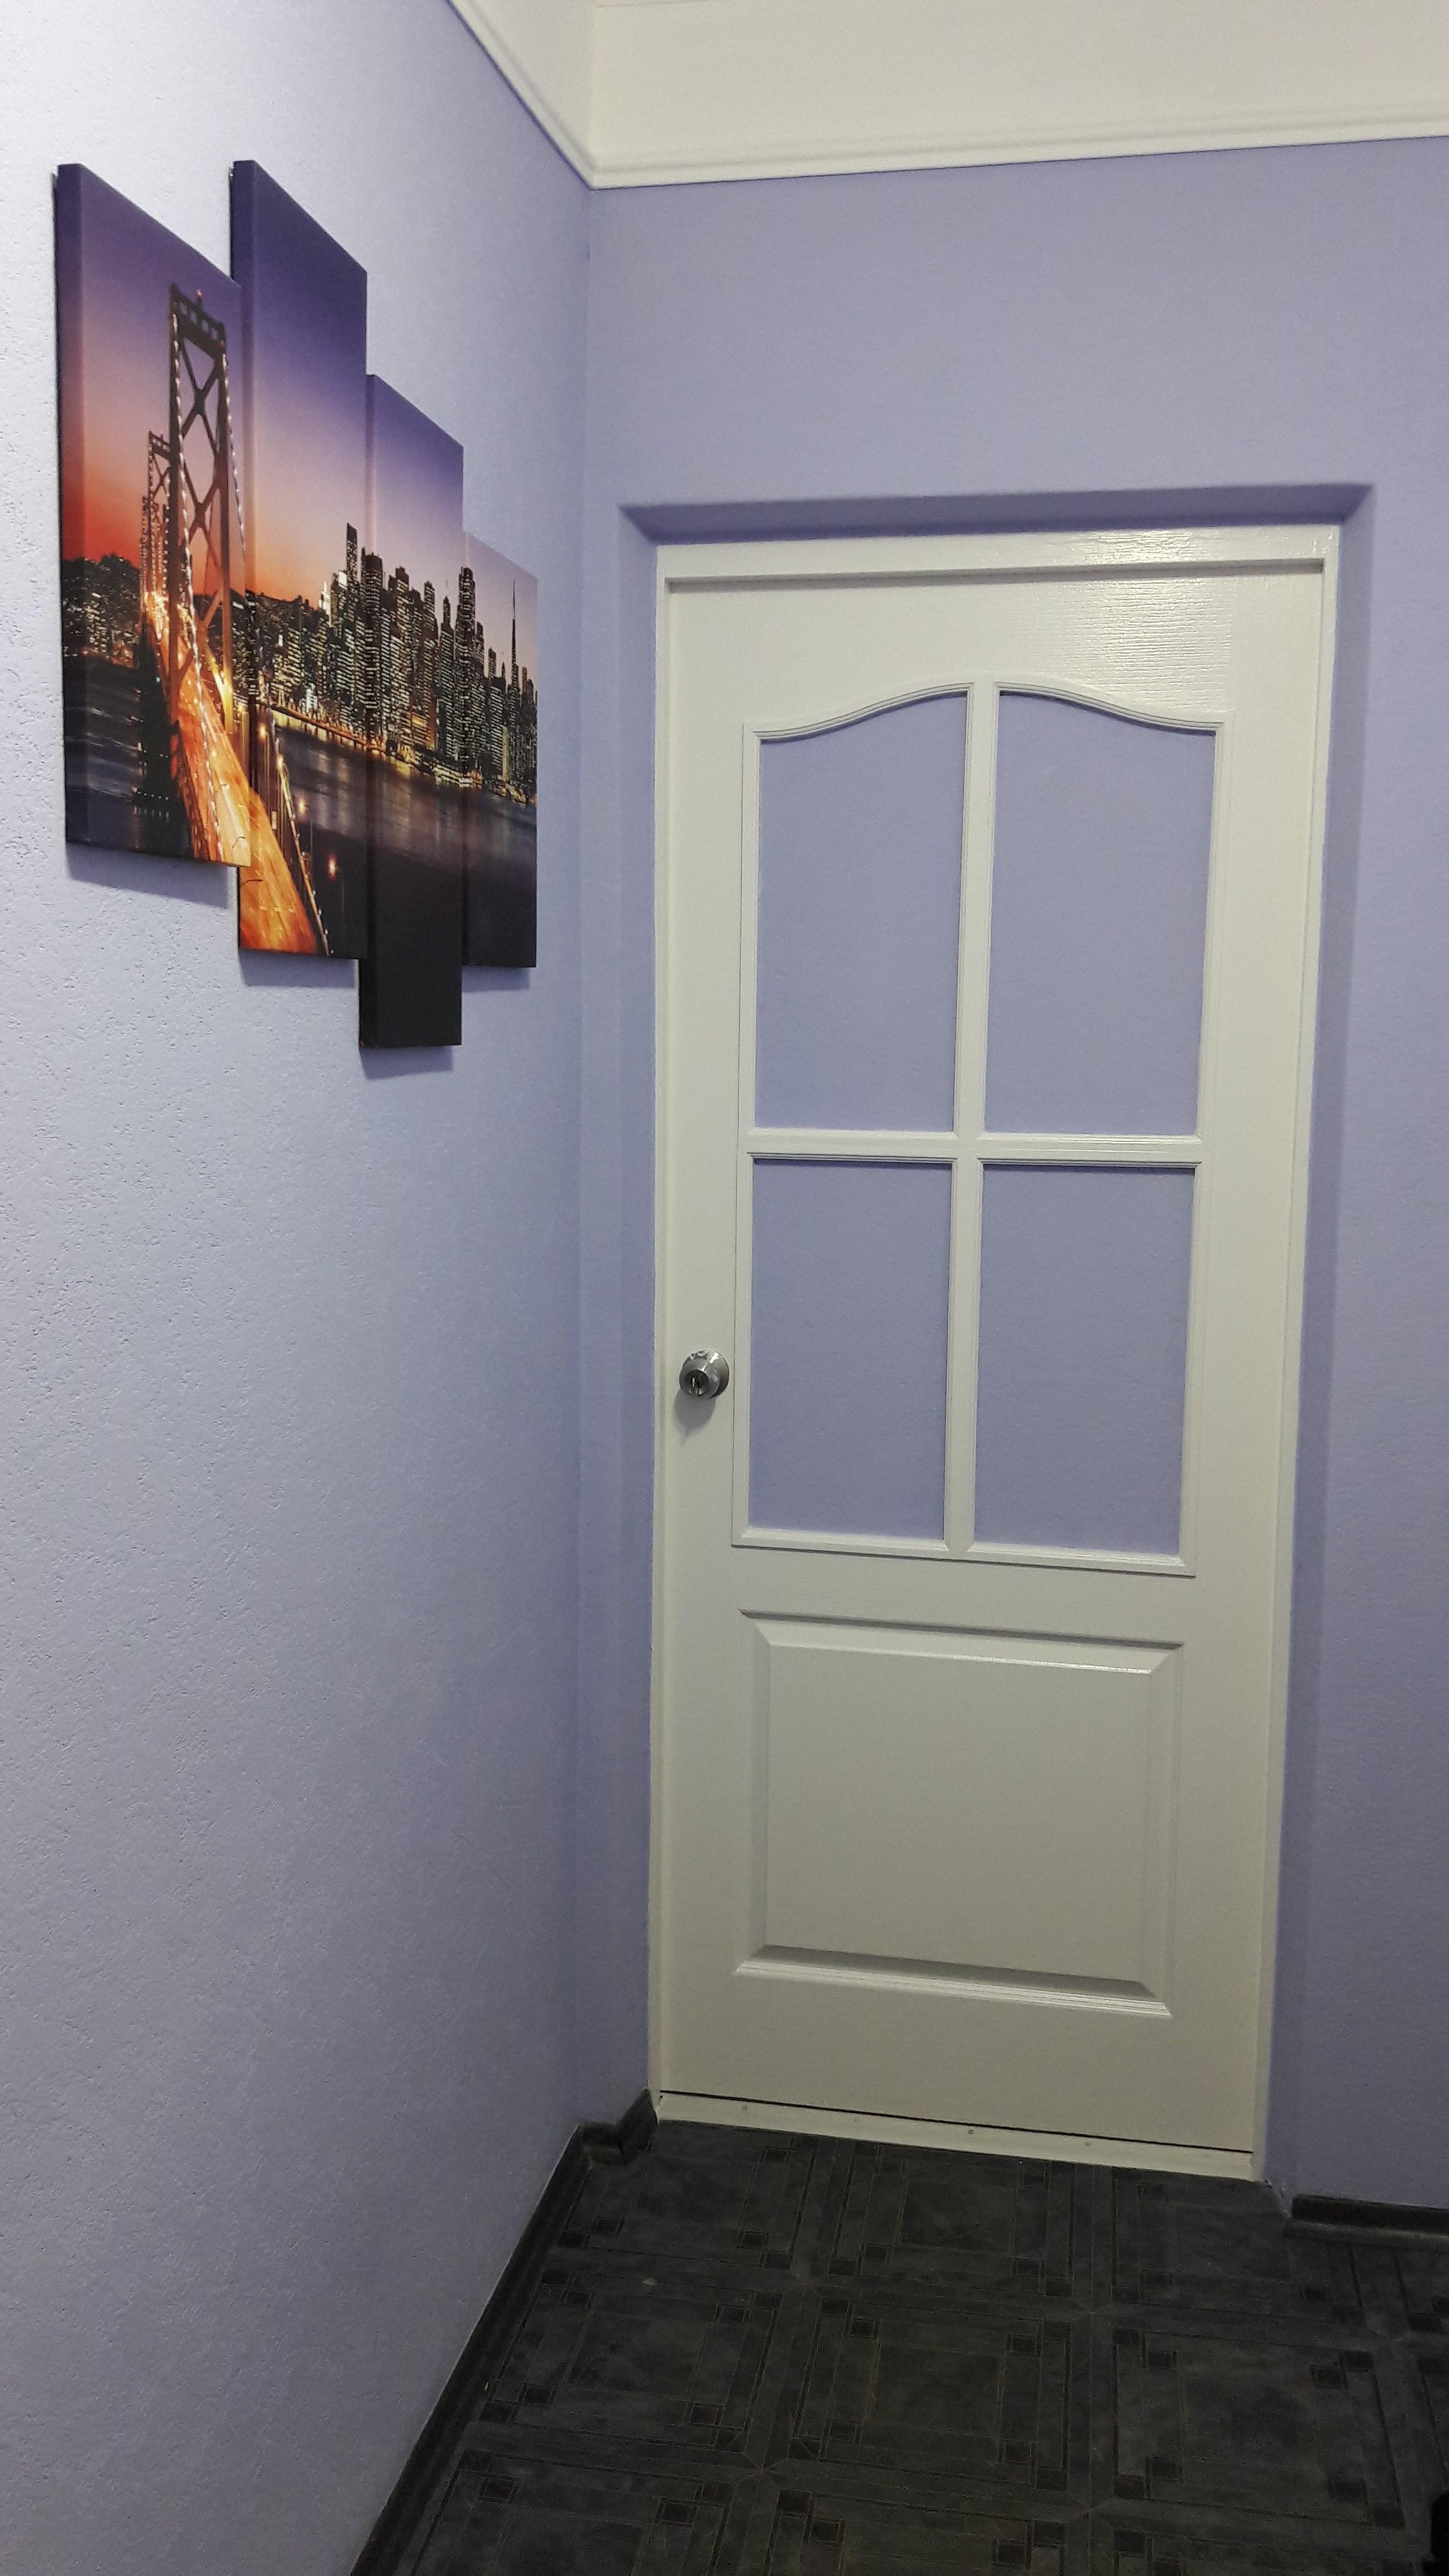 Фото Поклейка обоев под покраску,покраска обоев,реставрация и покраска межкомнатных дверей